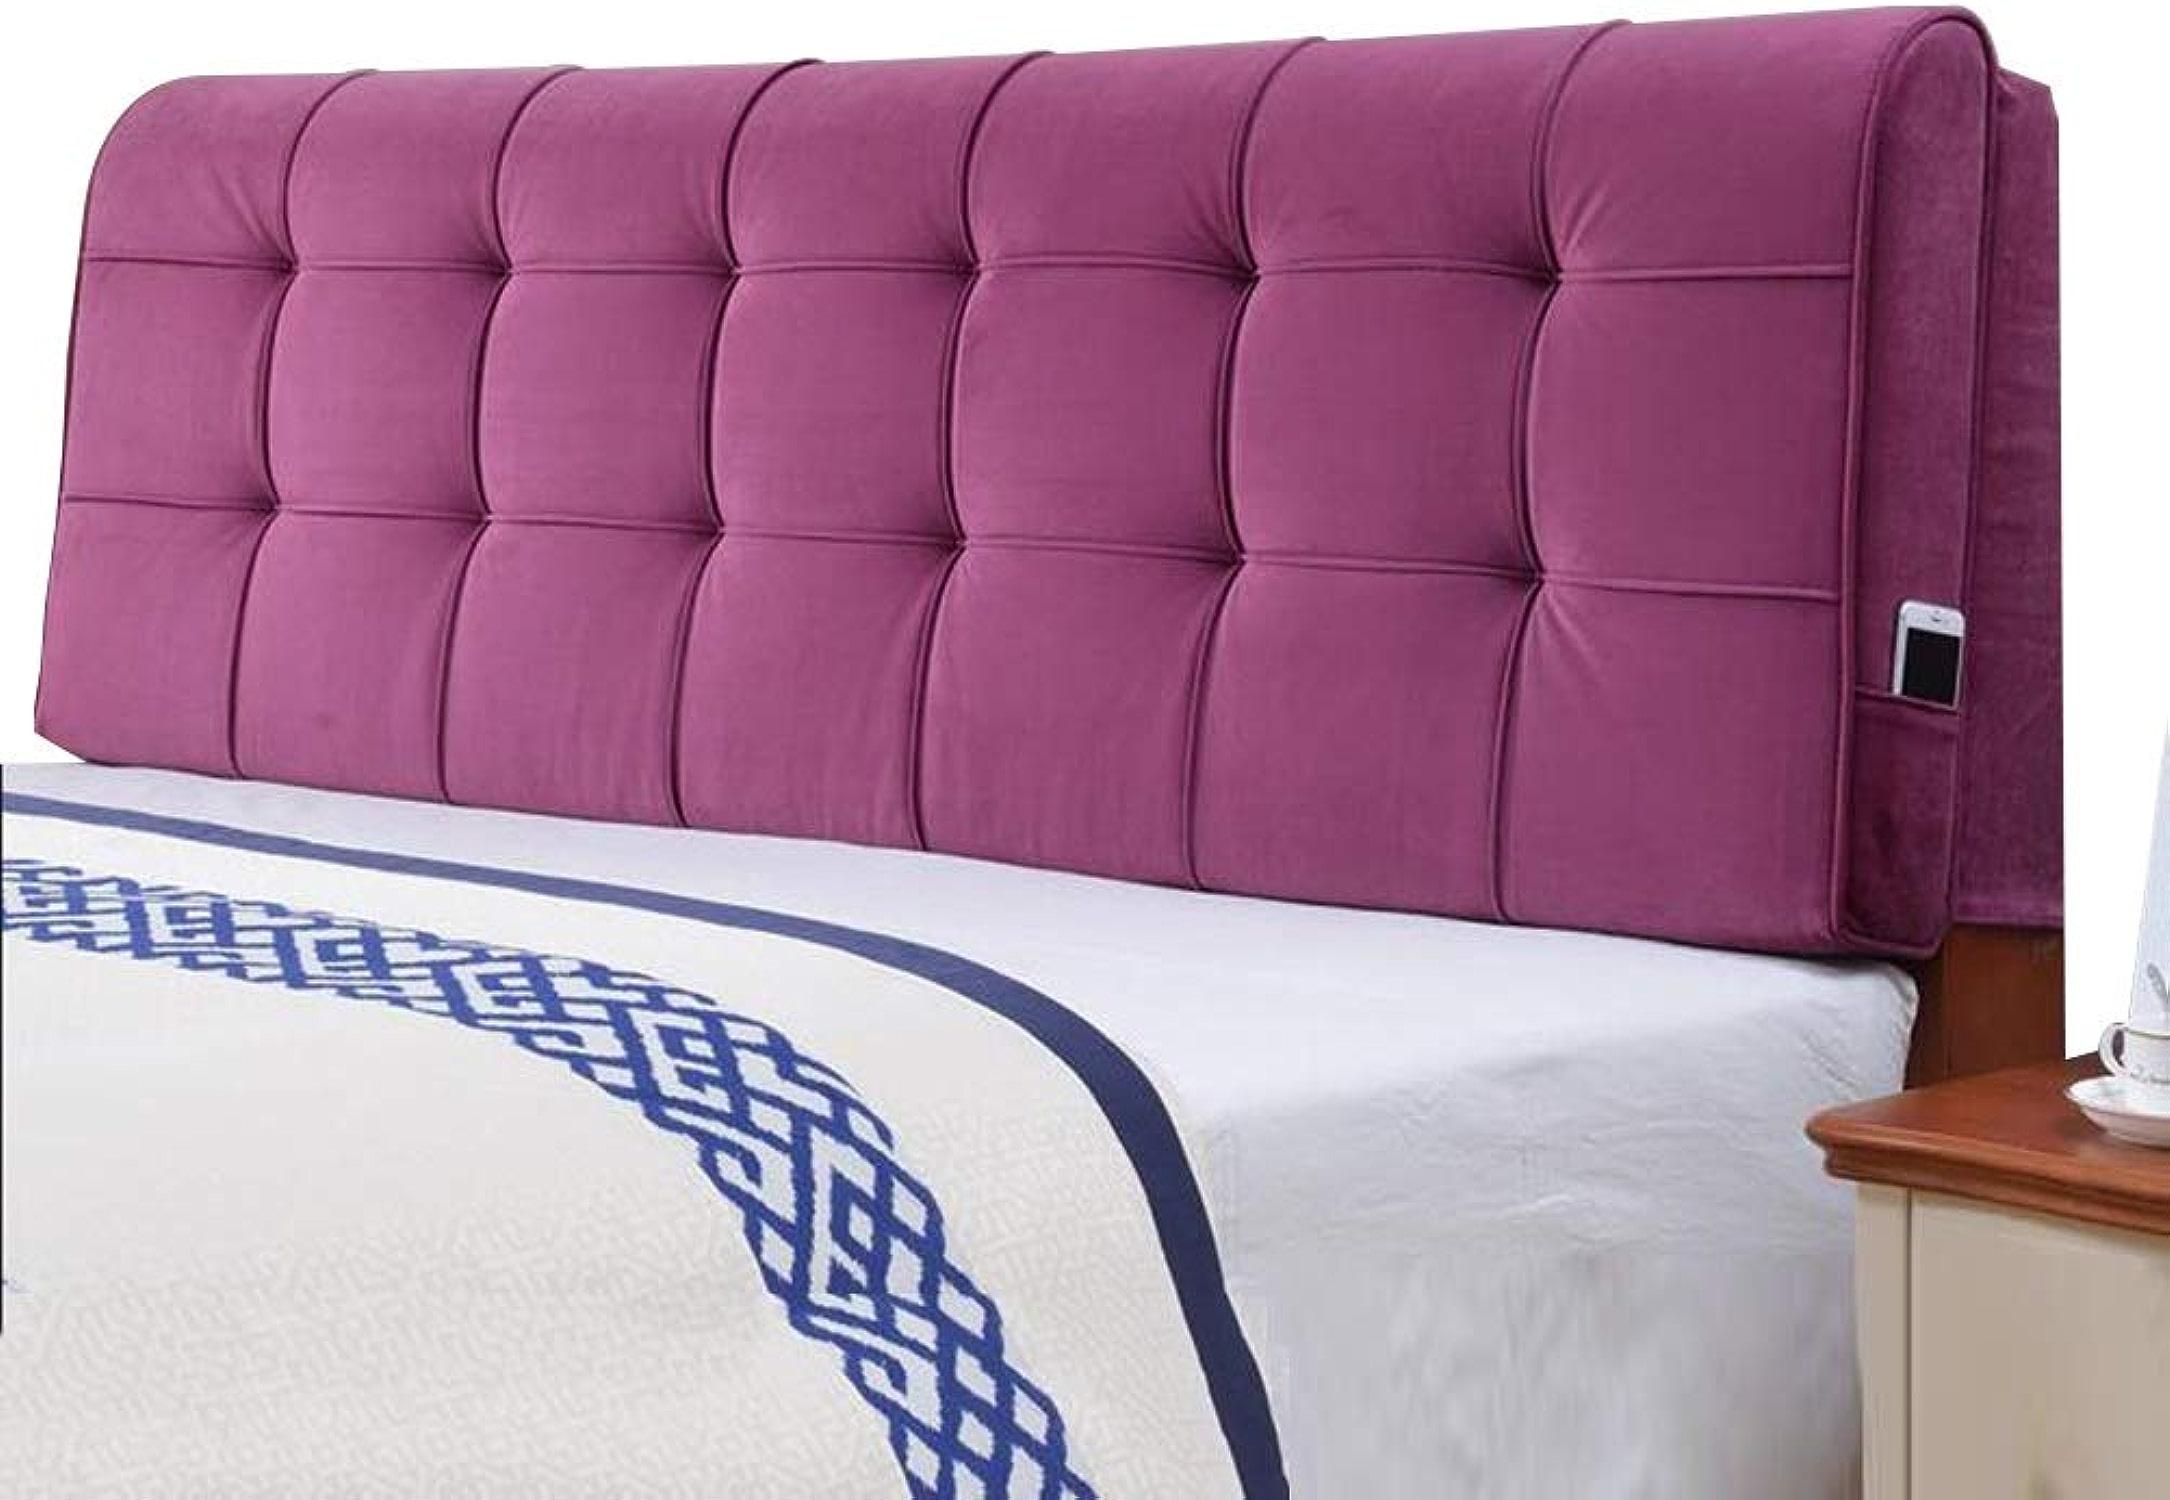 KKCF-Coussins de chevet étui Souple Dossier Résiste à L'humidité Lavable Accueil Fibre Extra Fine, 6 Couleurs 8 Tailles (Couleur   violet-B, Taille   longueur 150cm)